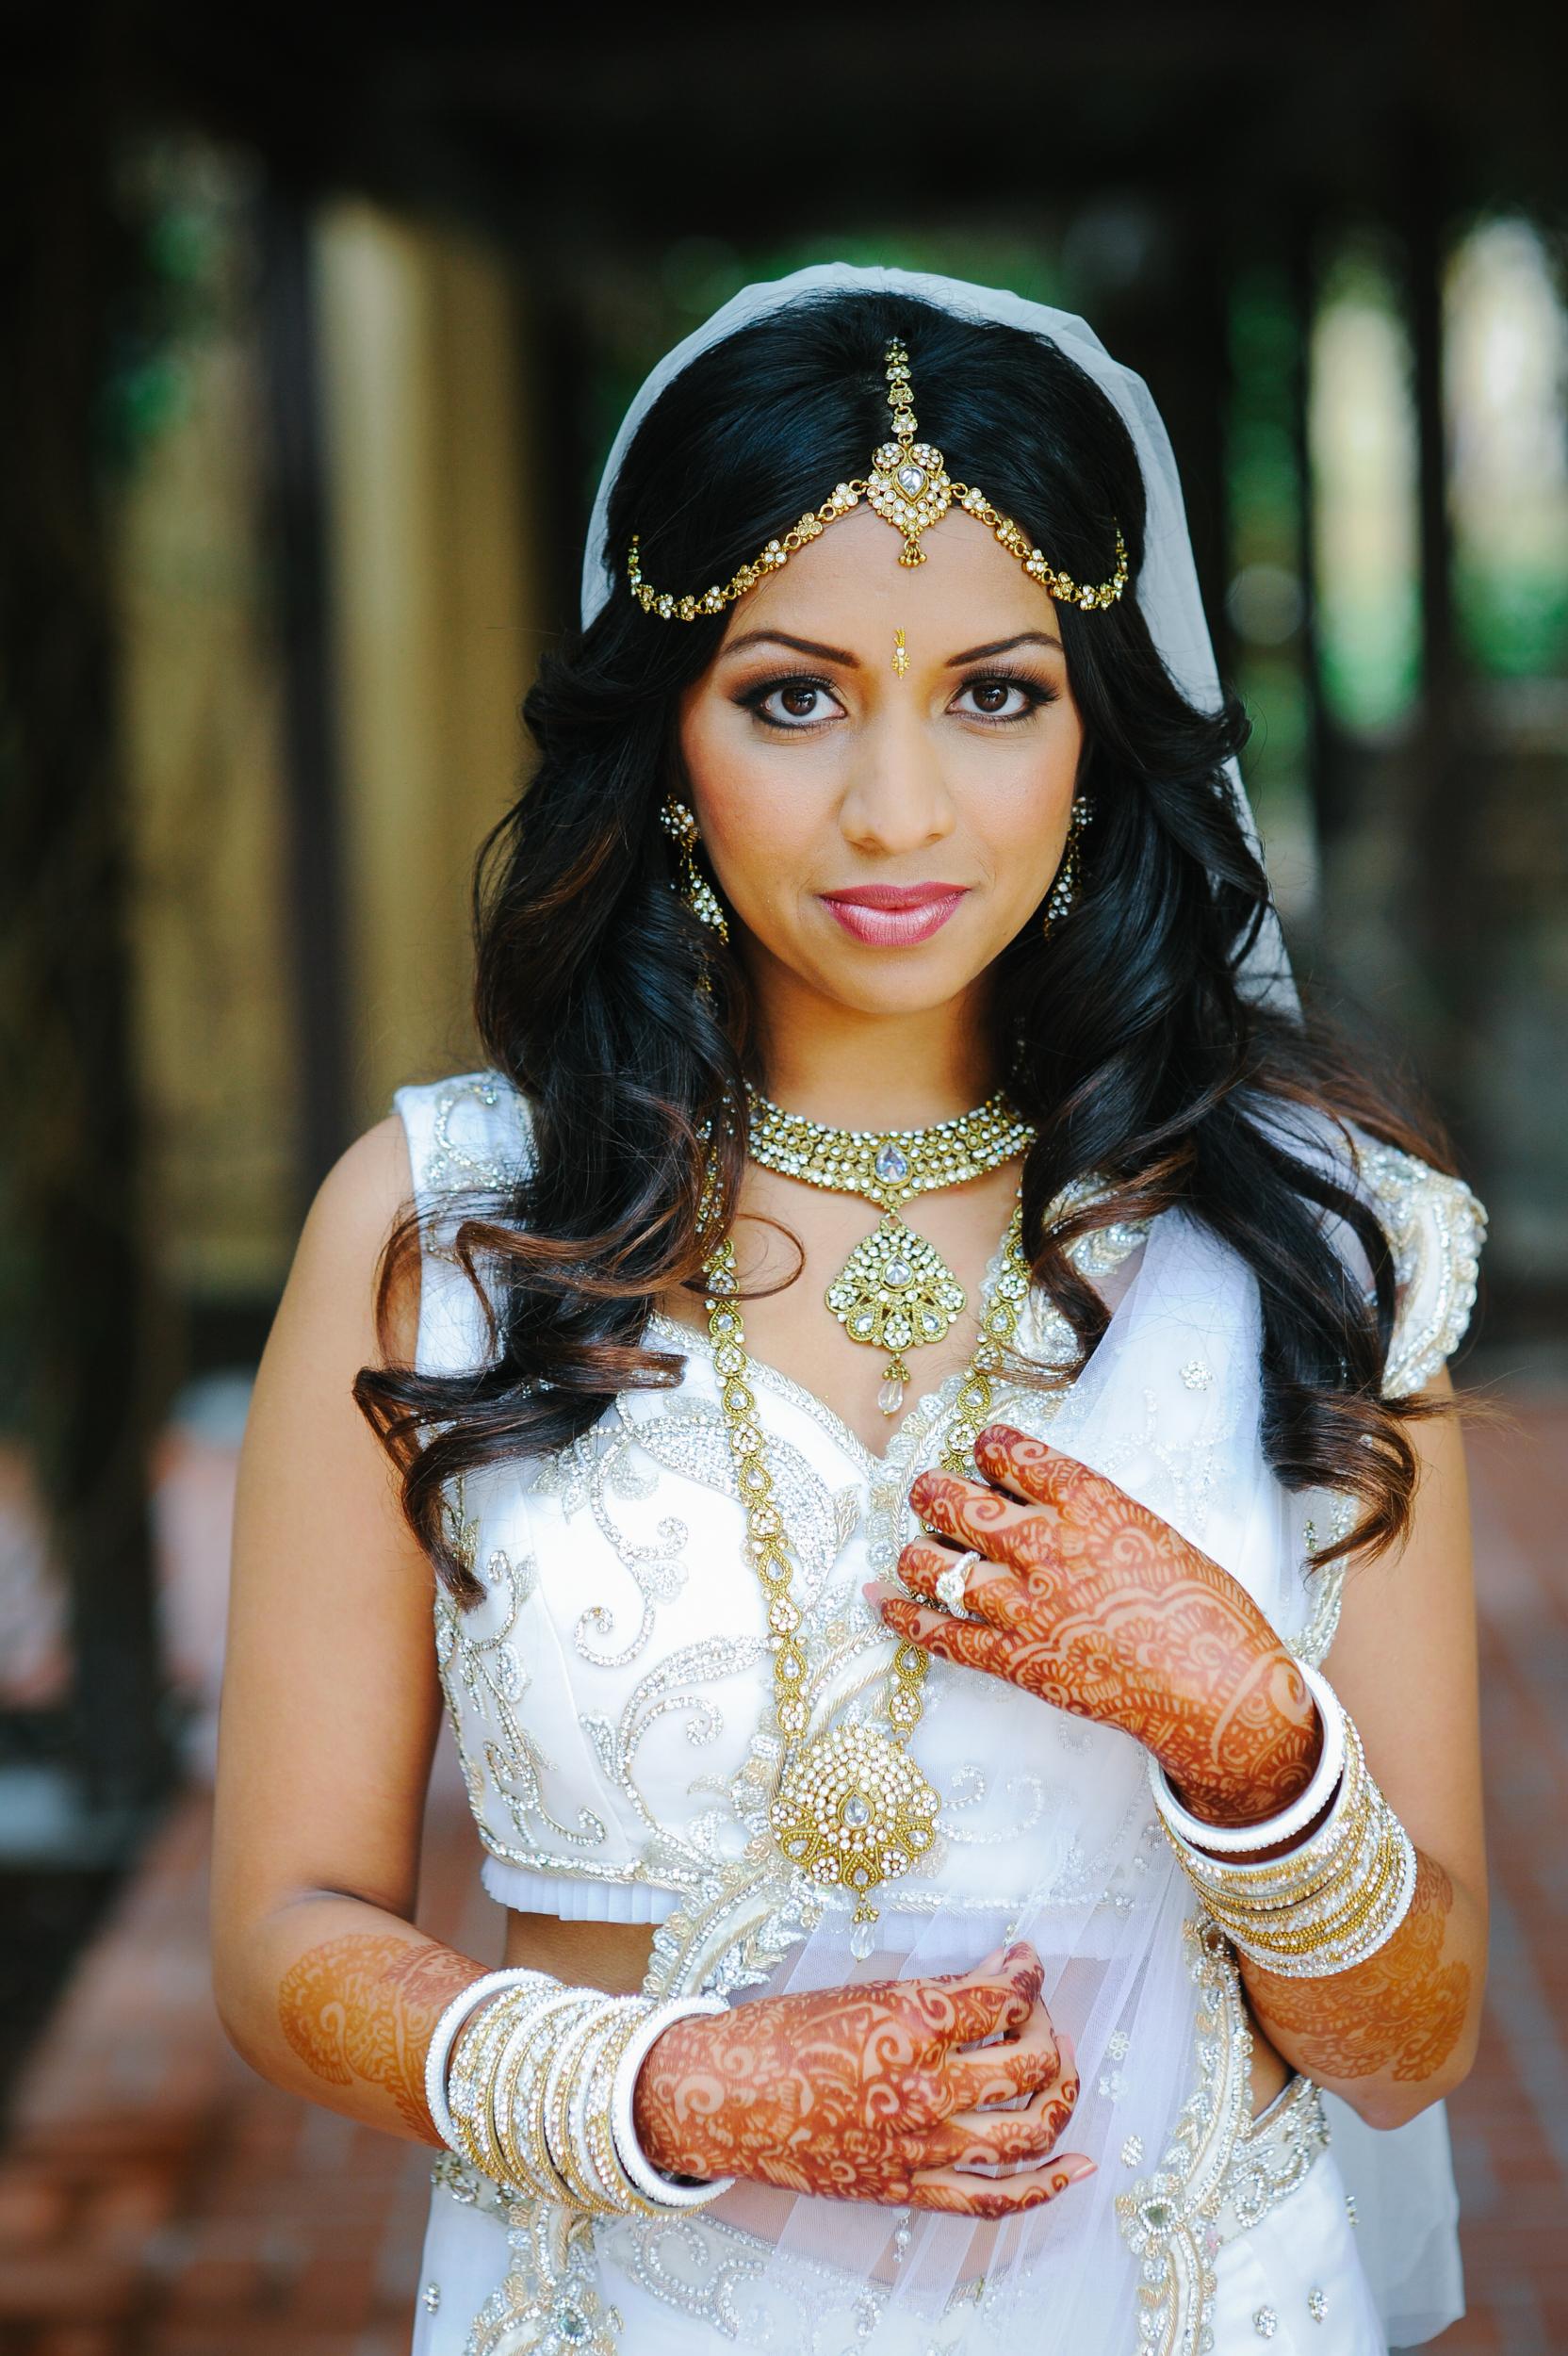 JKP_Indian_Weddings_0009.JPG